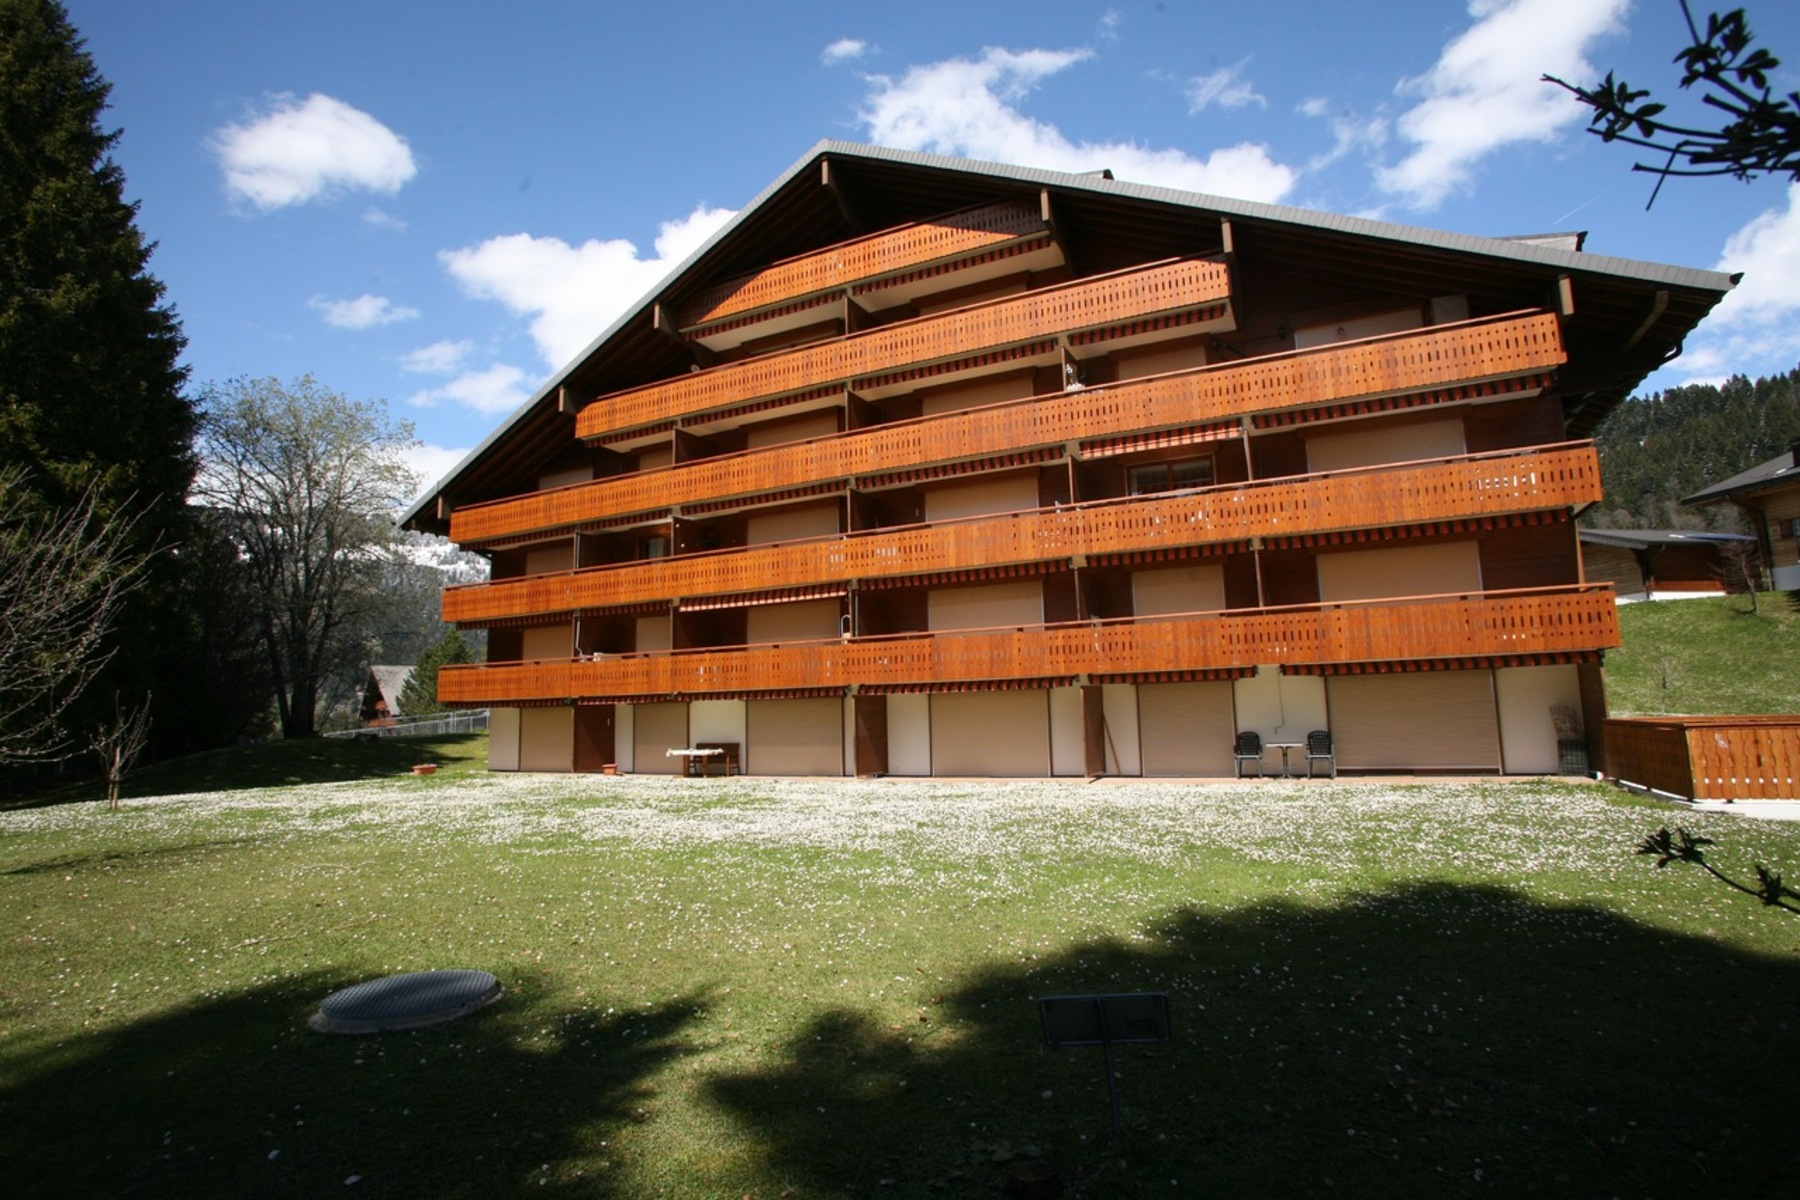 شقة للـ Sale في Azurite 5-6 Les Rochegrises 22 Villars-Sur-Ollon, Vaud, 1884 Switzerland